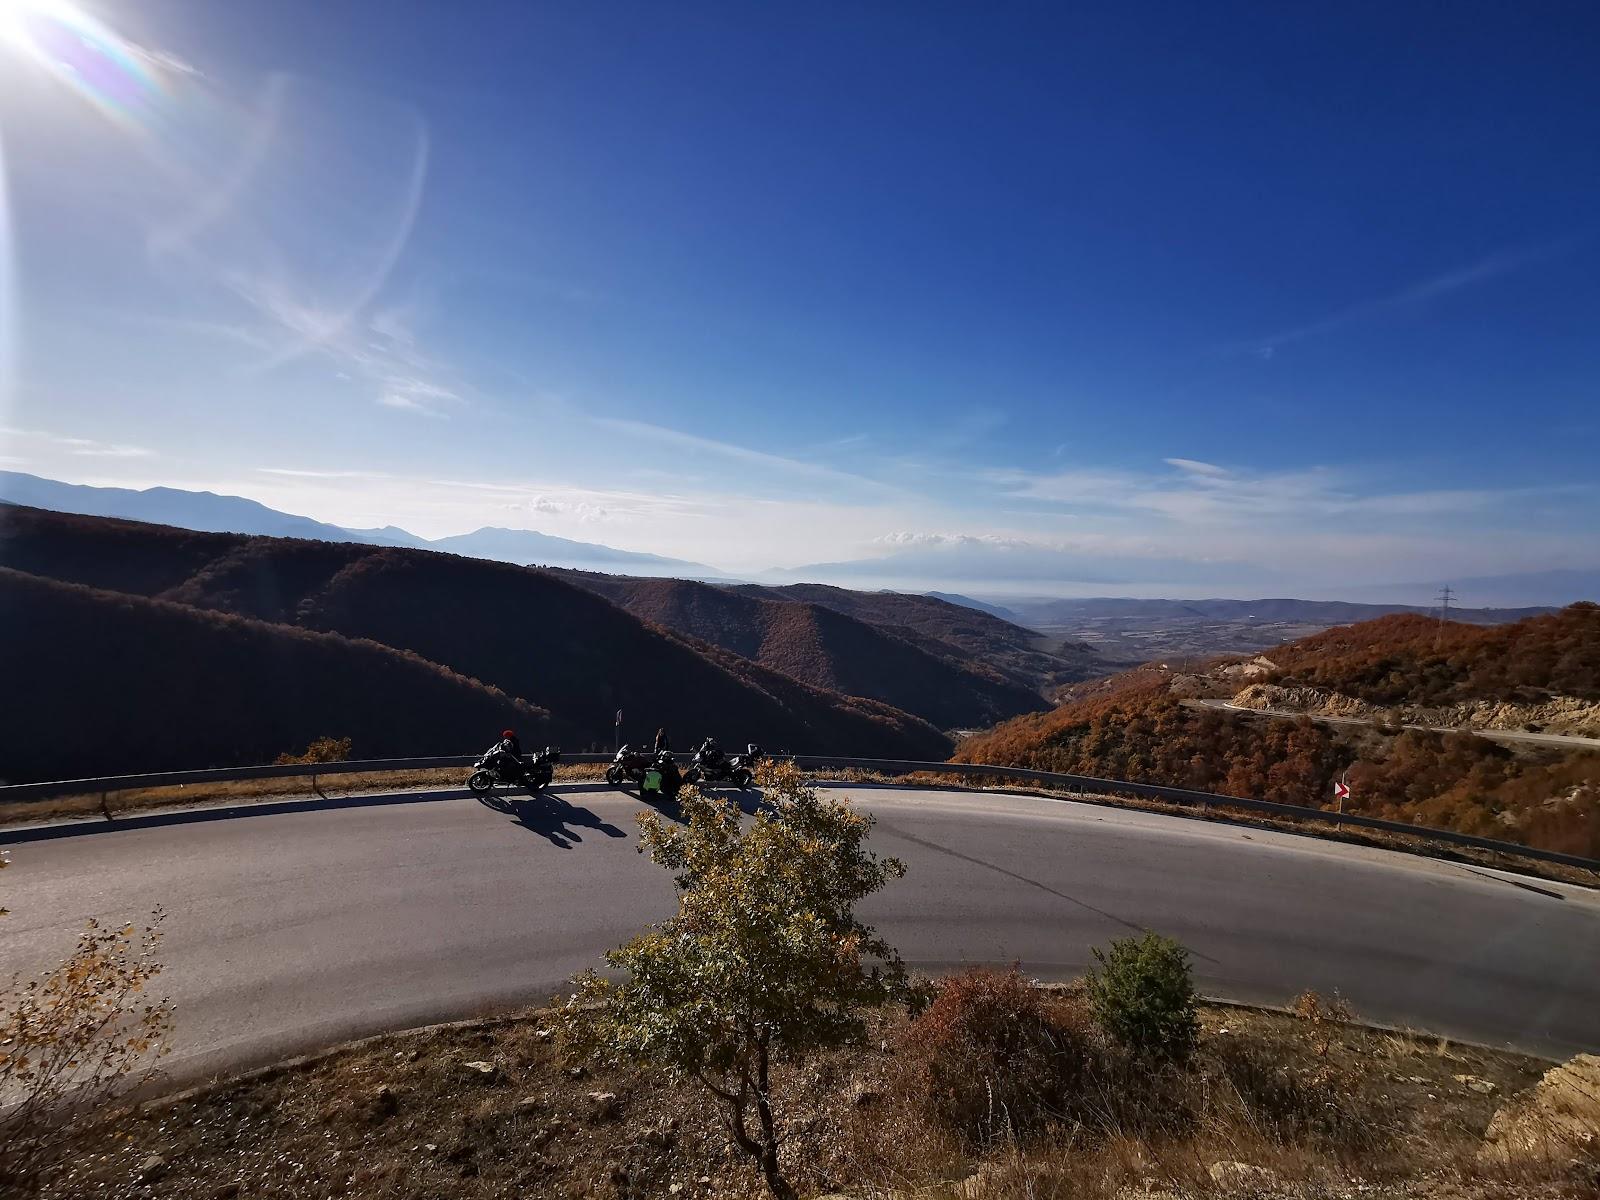 Панорама Папаз чаир